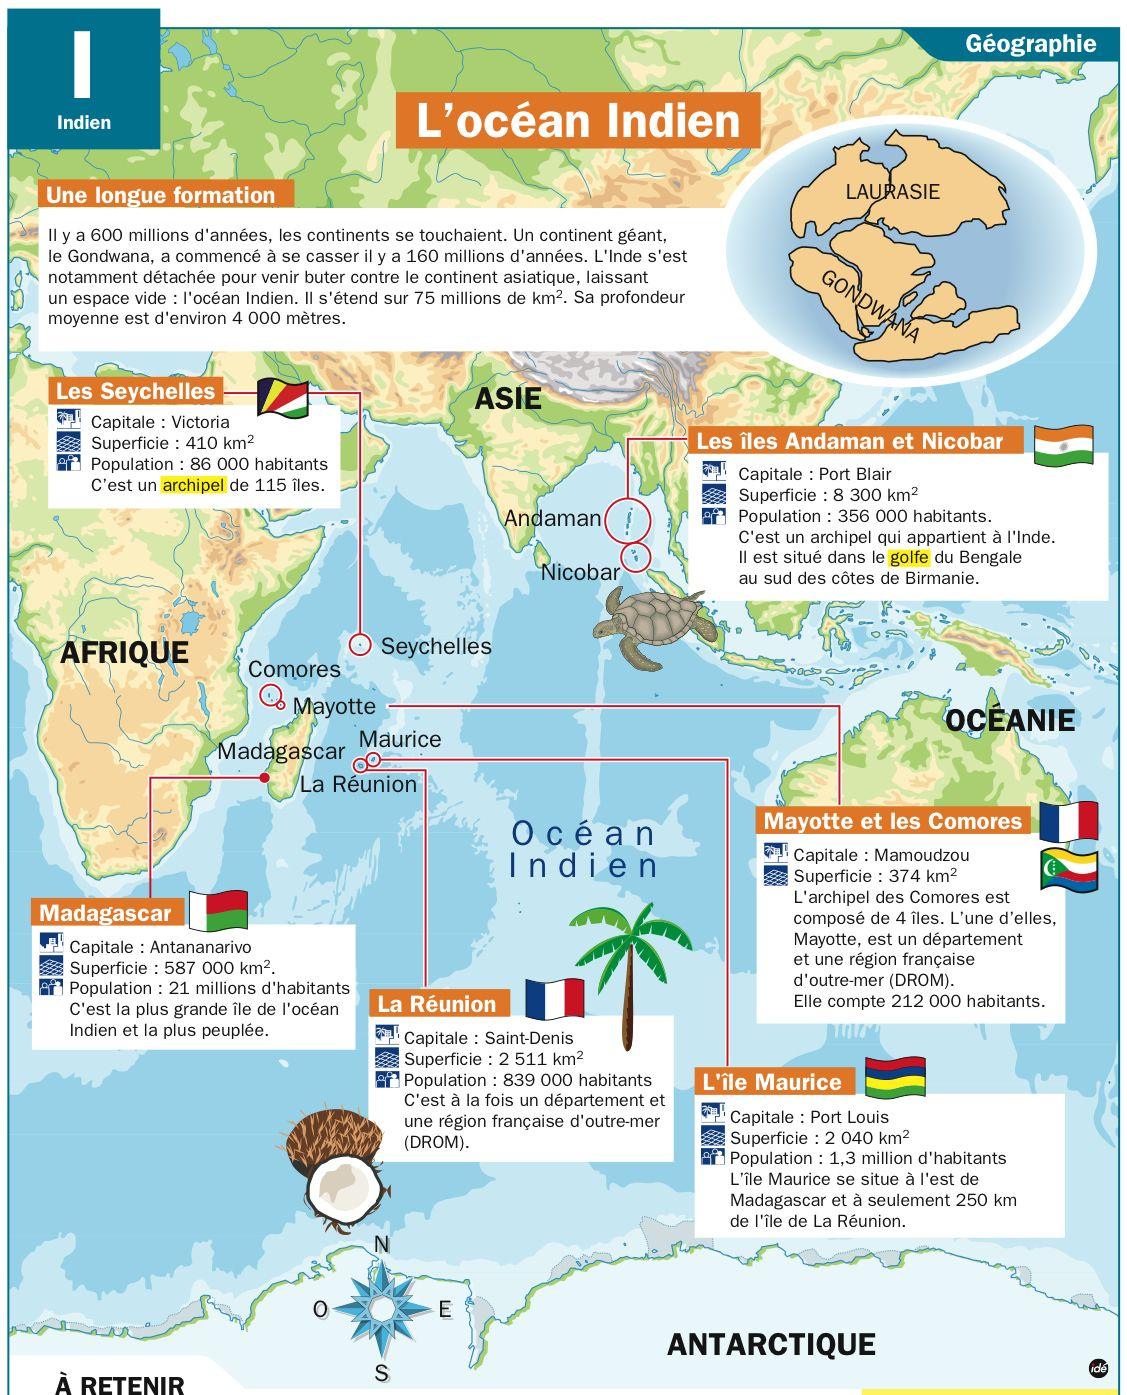 ocean indien geographie